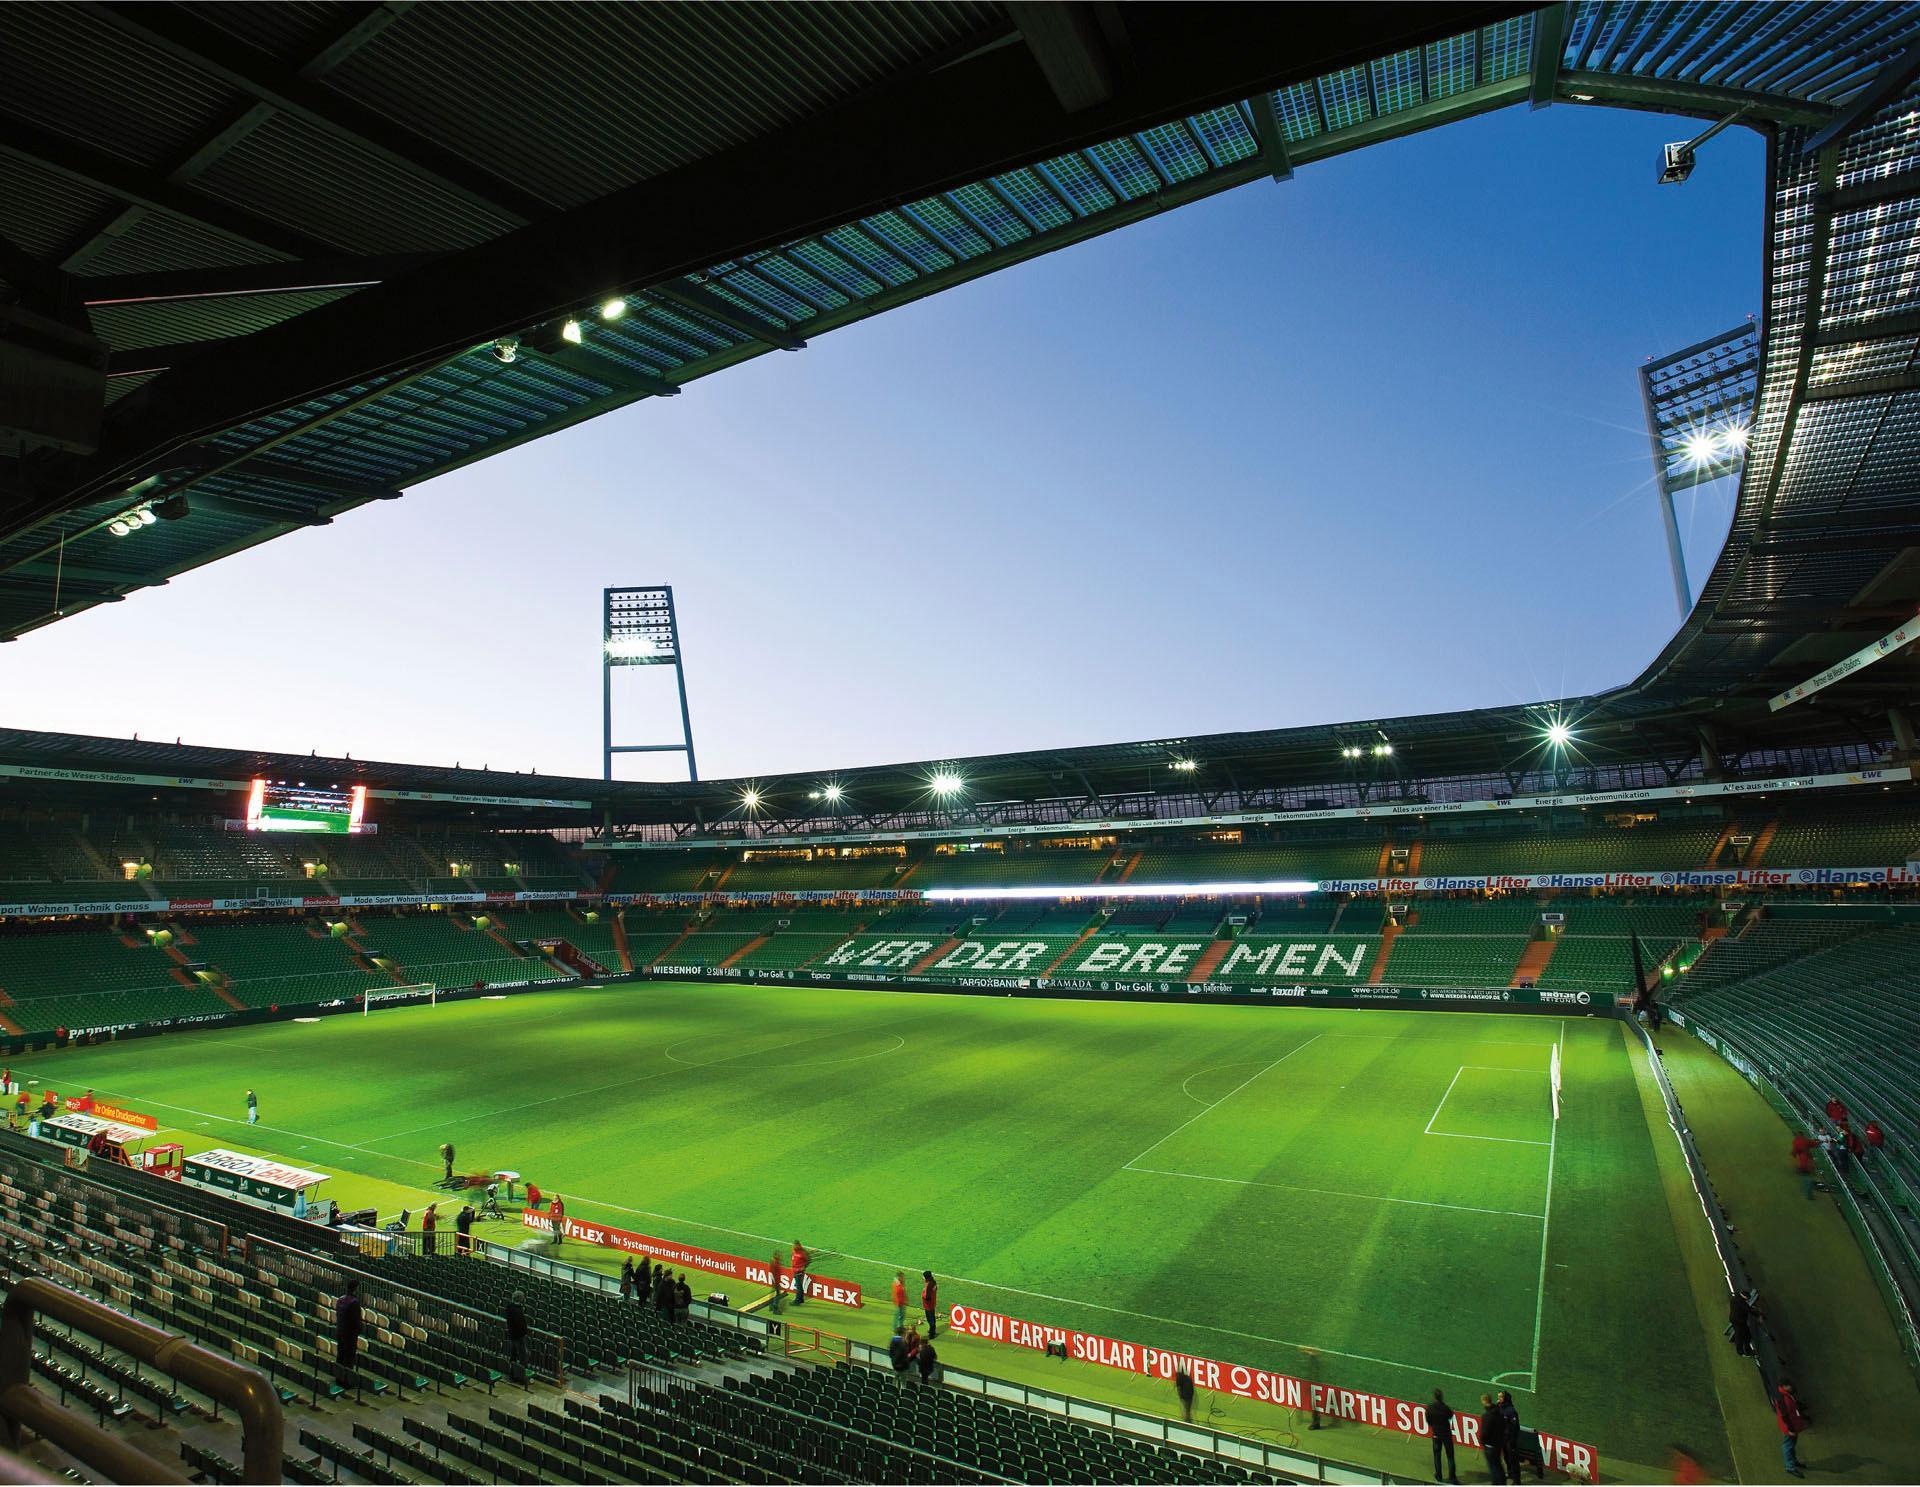 Fototapete Werder Bremen - Weserstadion Innen Technik & Freizeit/Heimwerken & Garten/Bauen & Renovieren/Tapeten/Fototapeten/Fototapeten Stadt